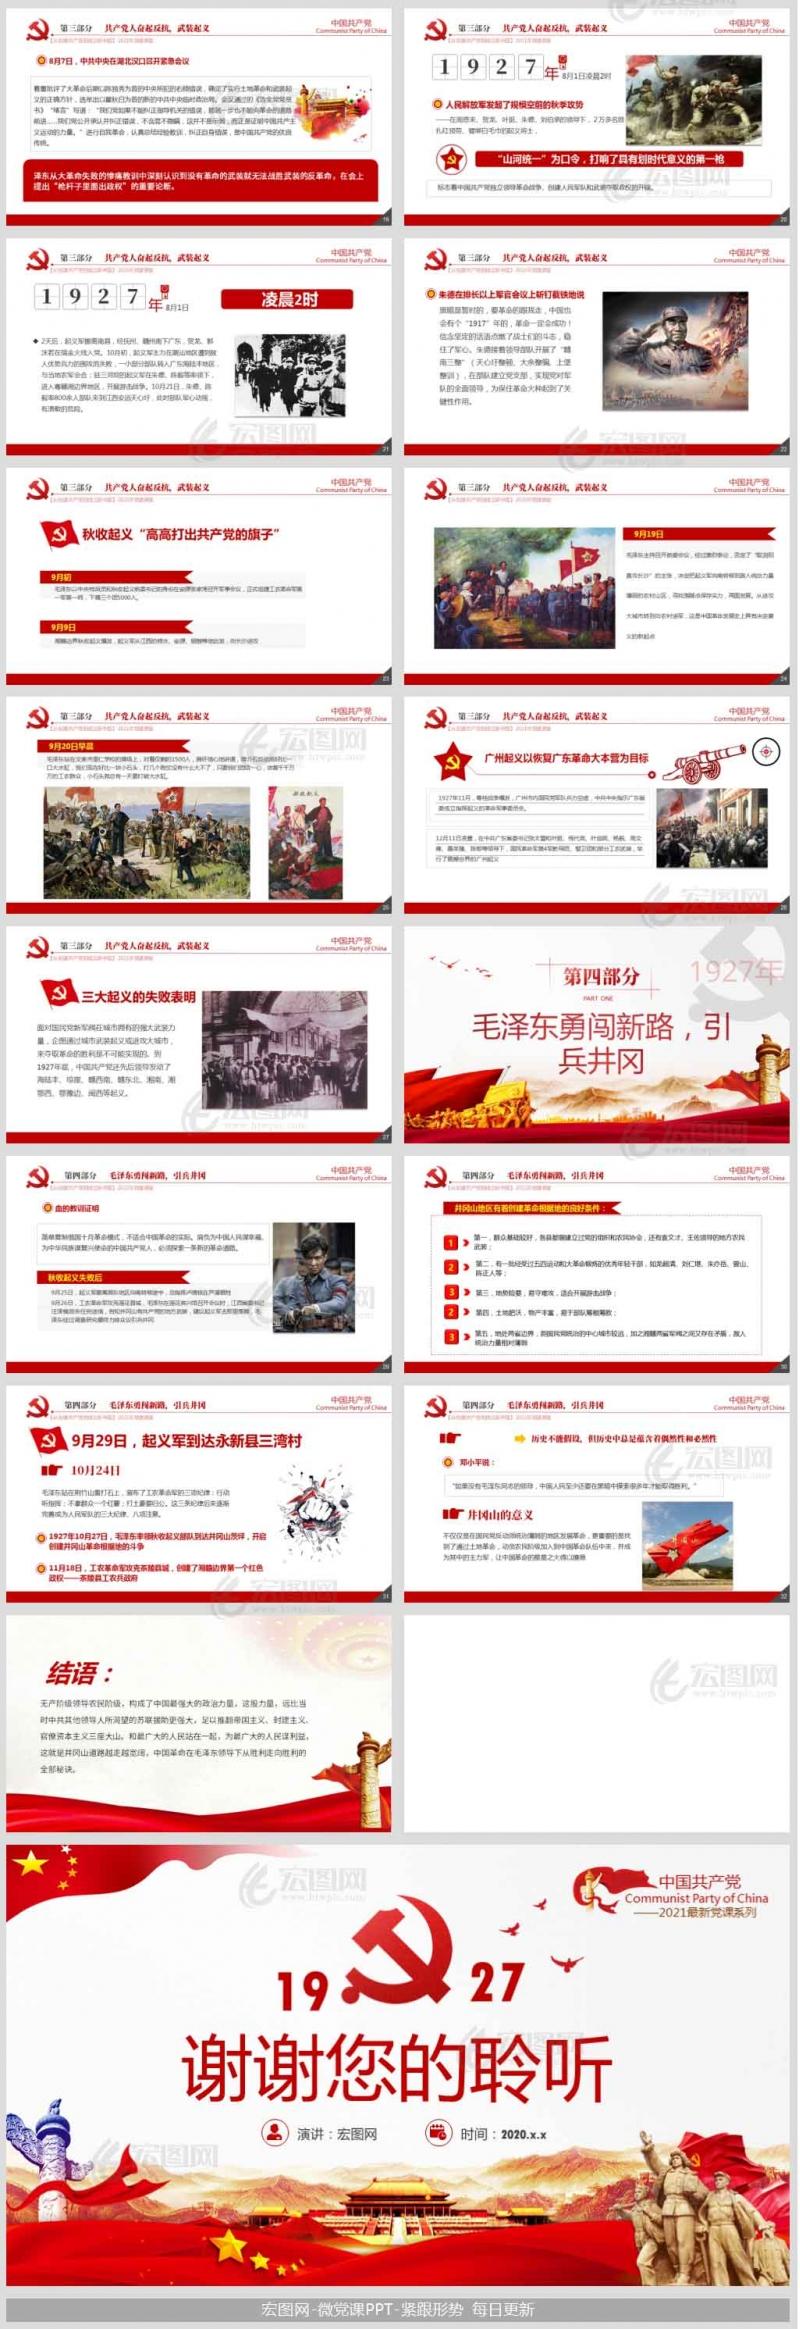 「党史国史PPT」1927风云突变波涛涌中国共产党开始独立领导革命战争党课课件ppt